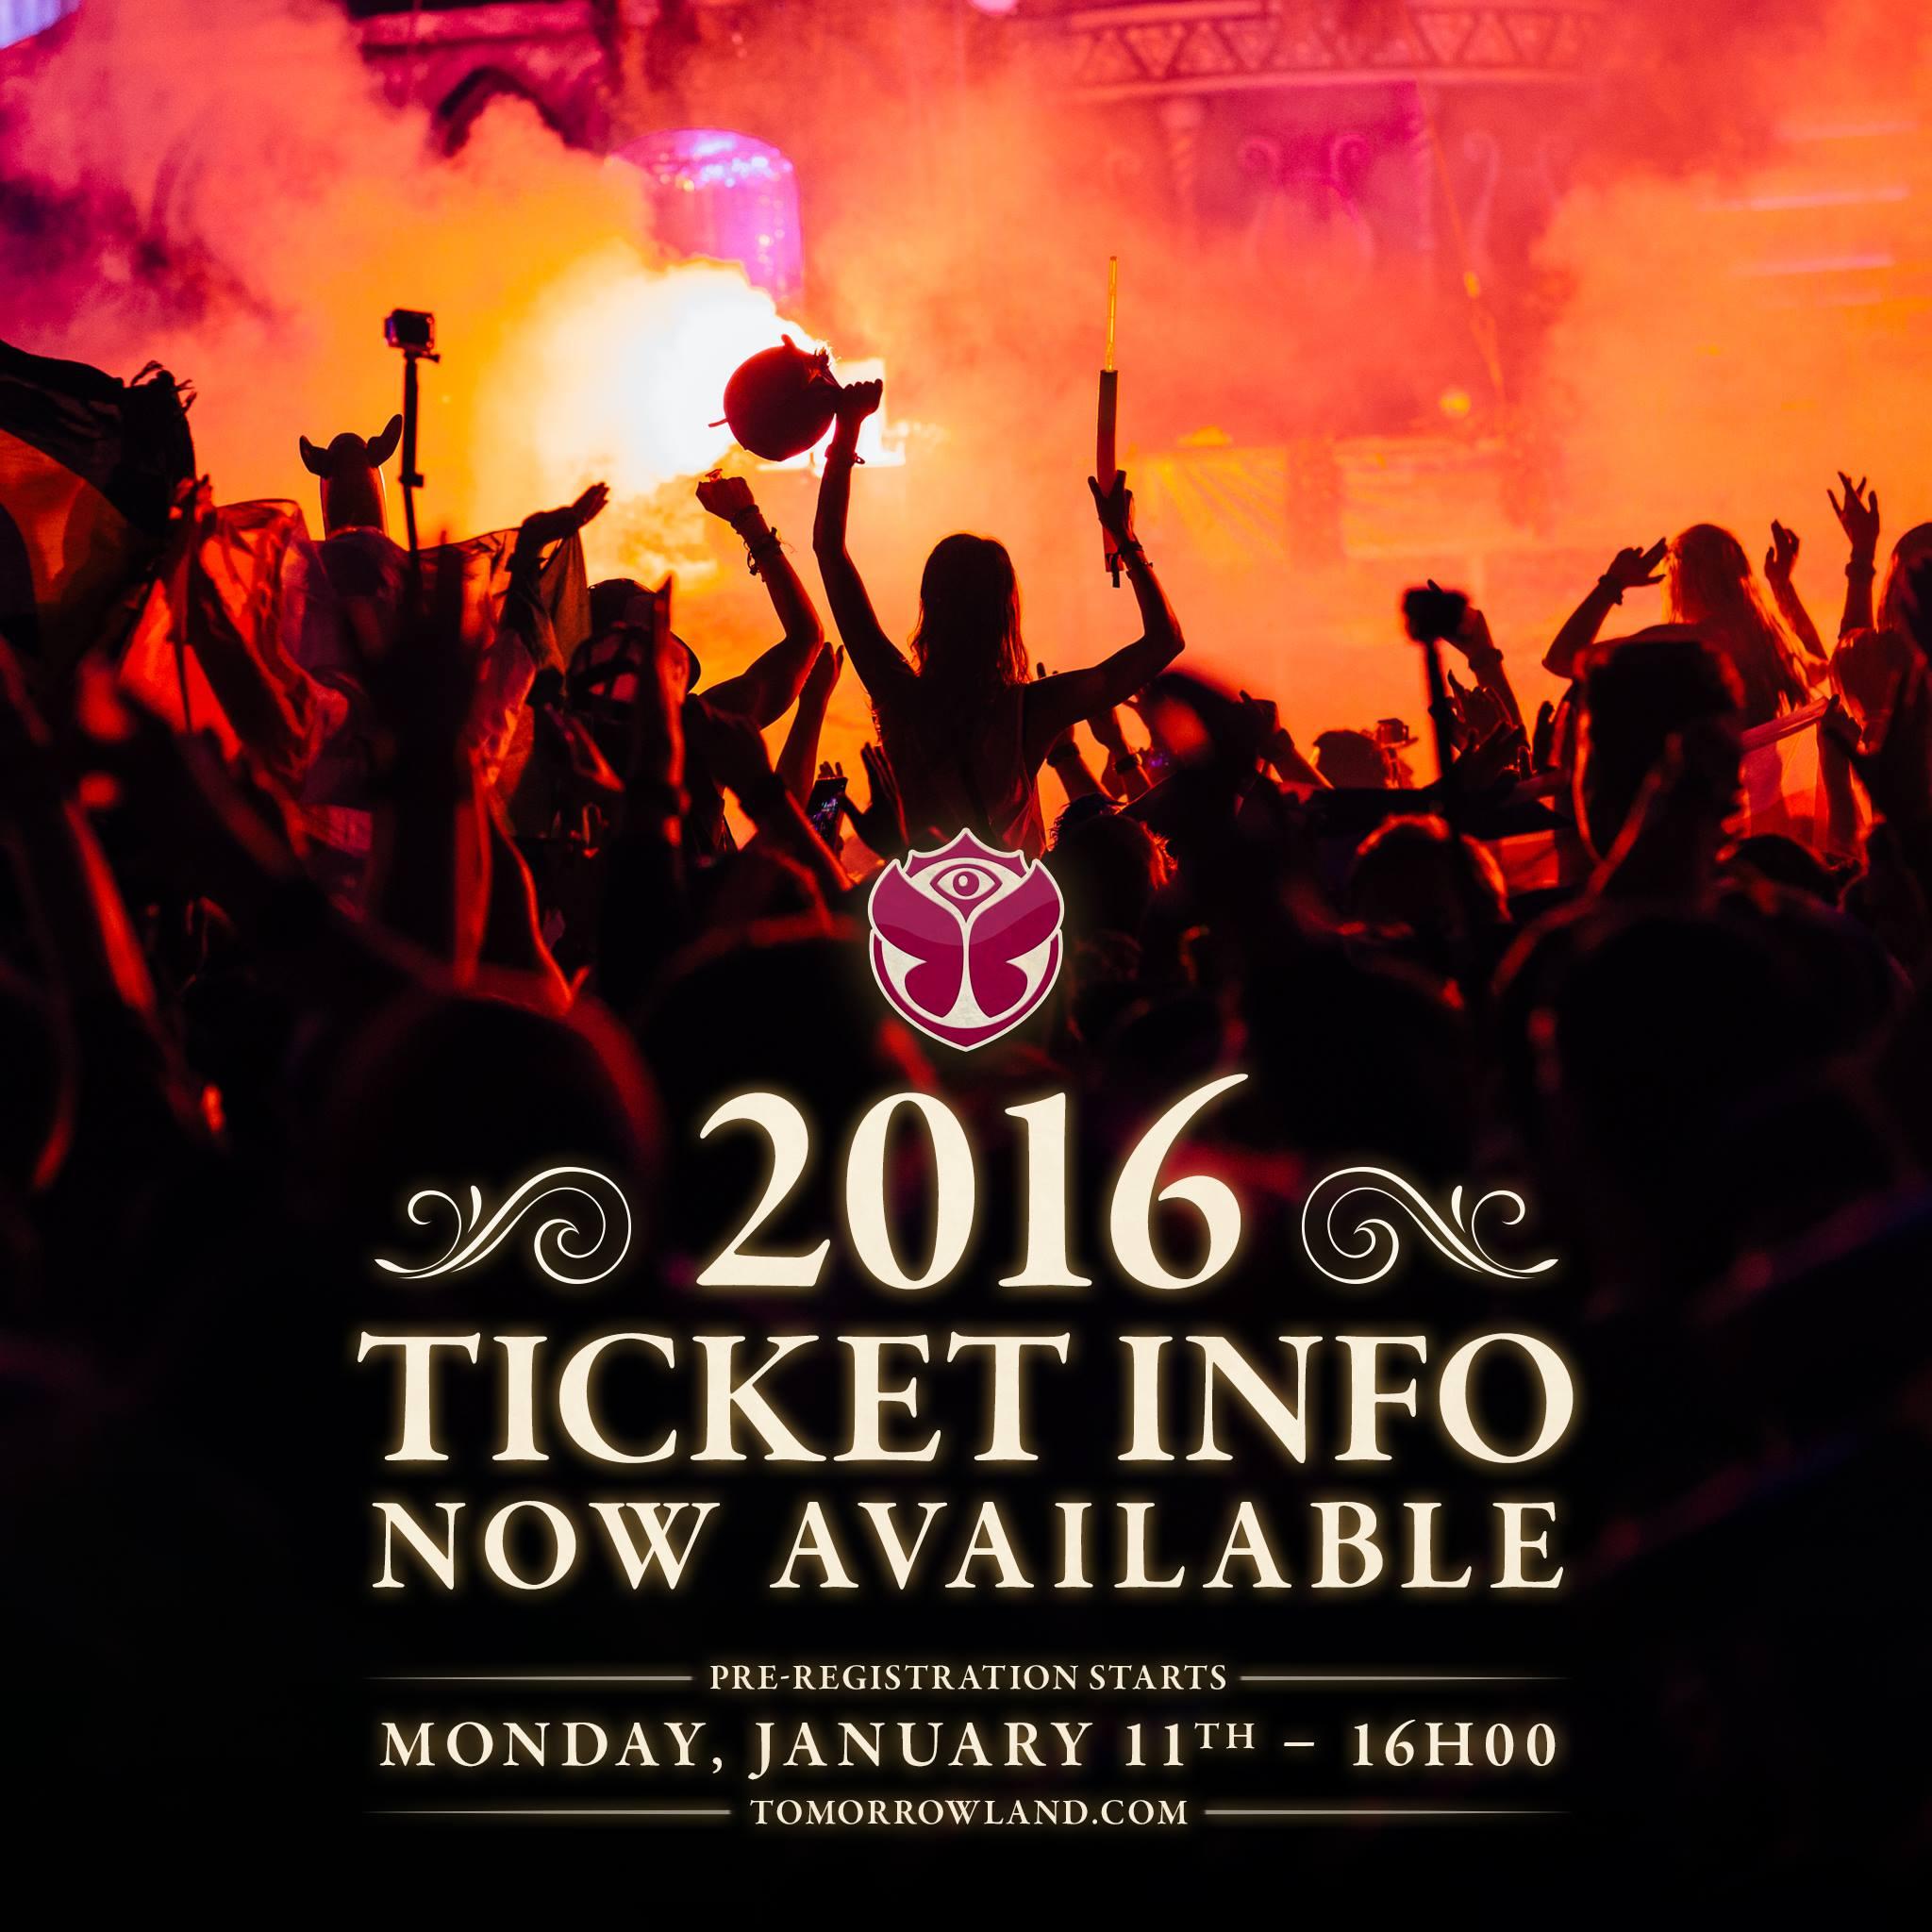 Tomorrowland 2016 ticket info